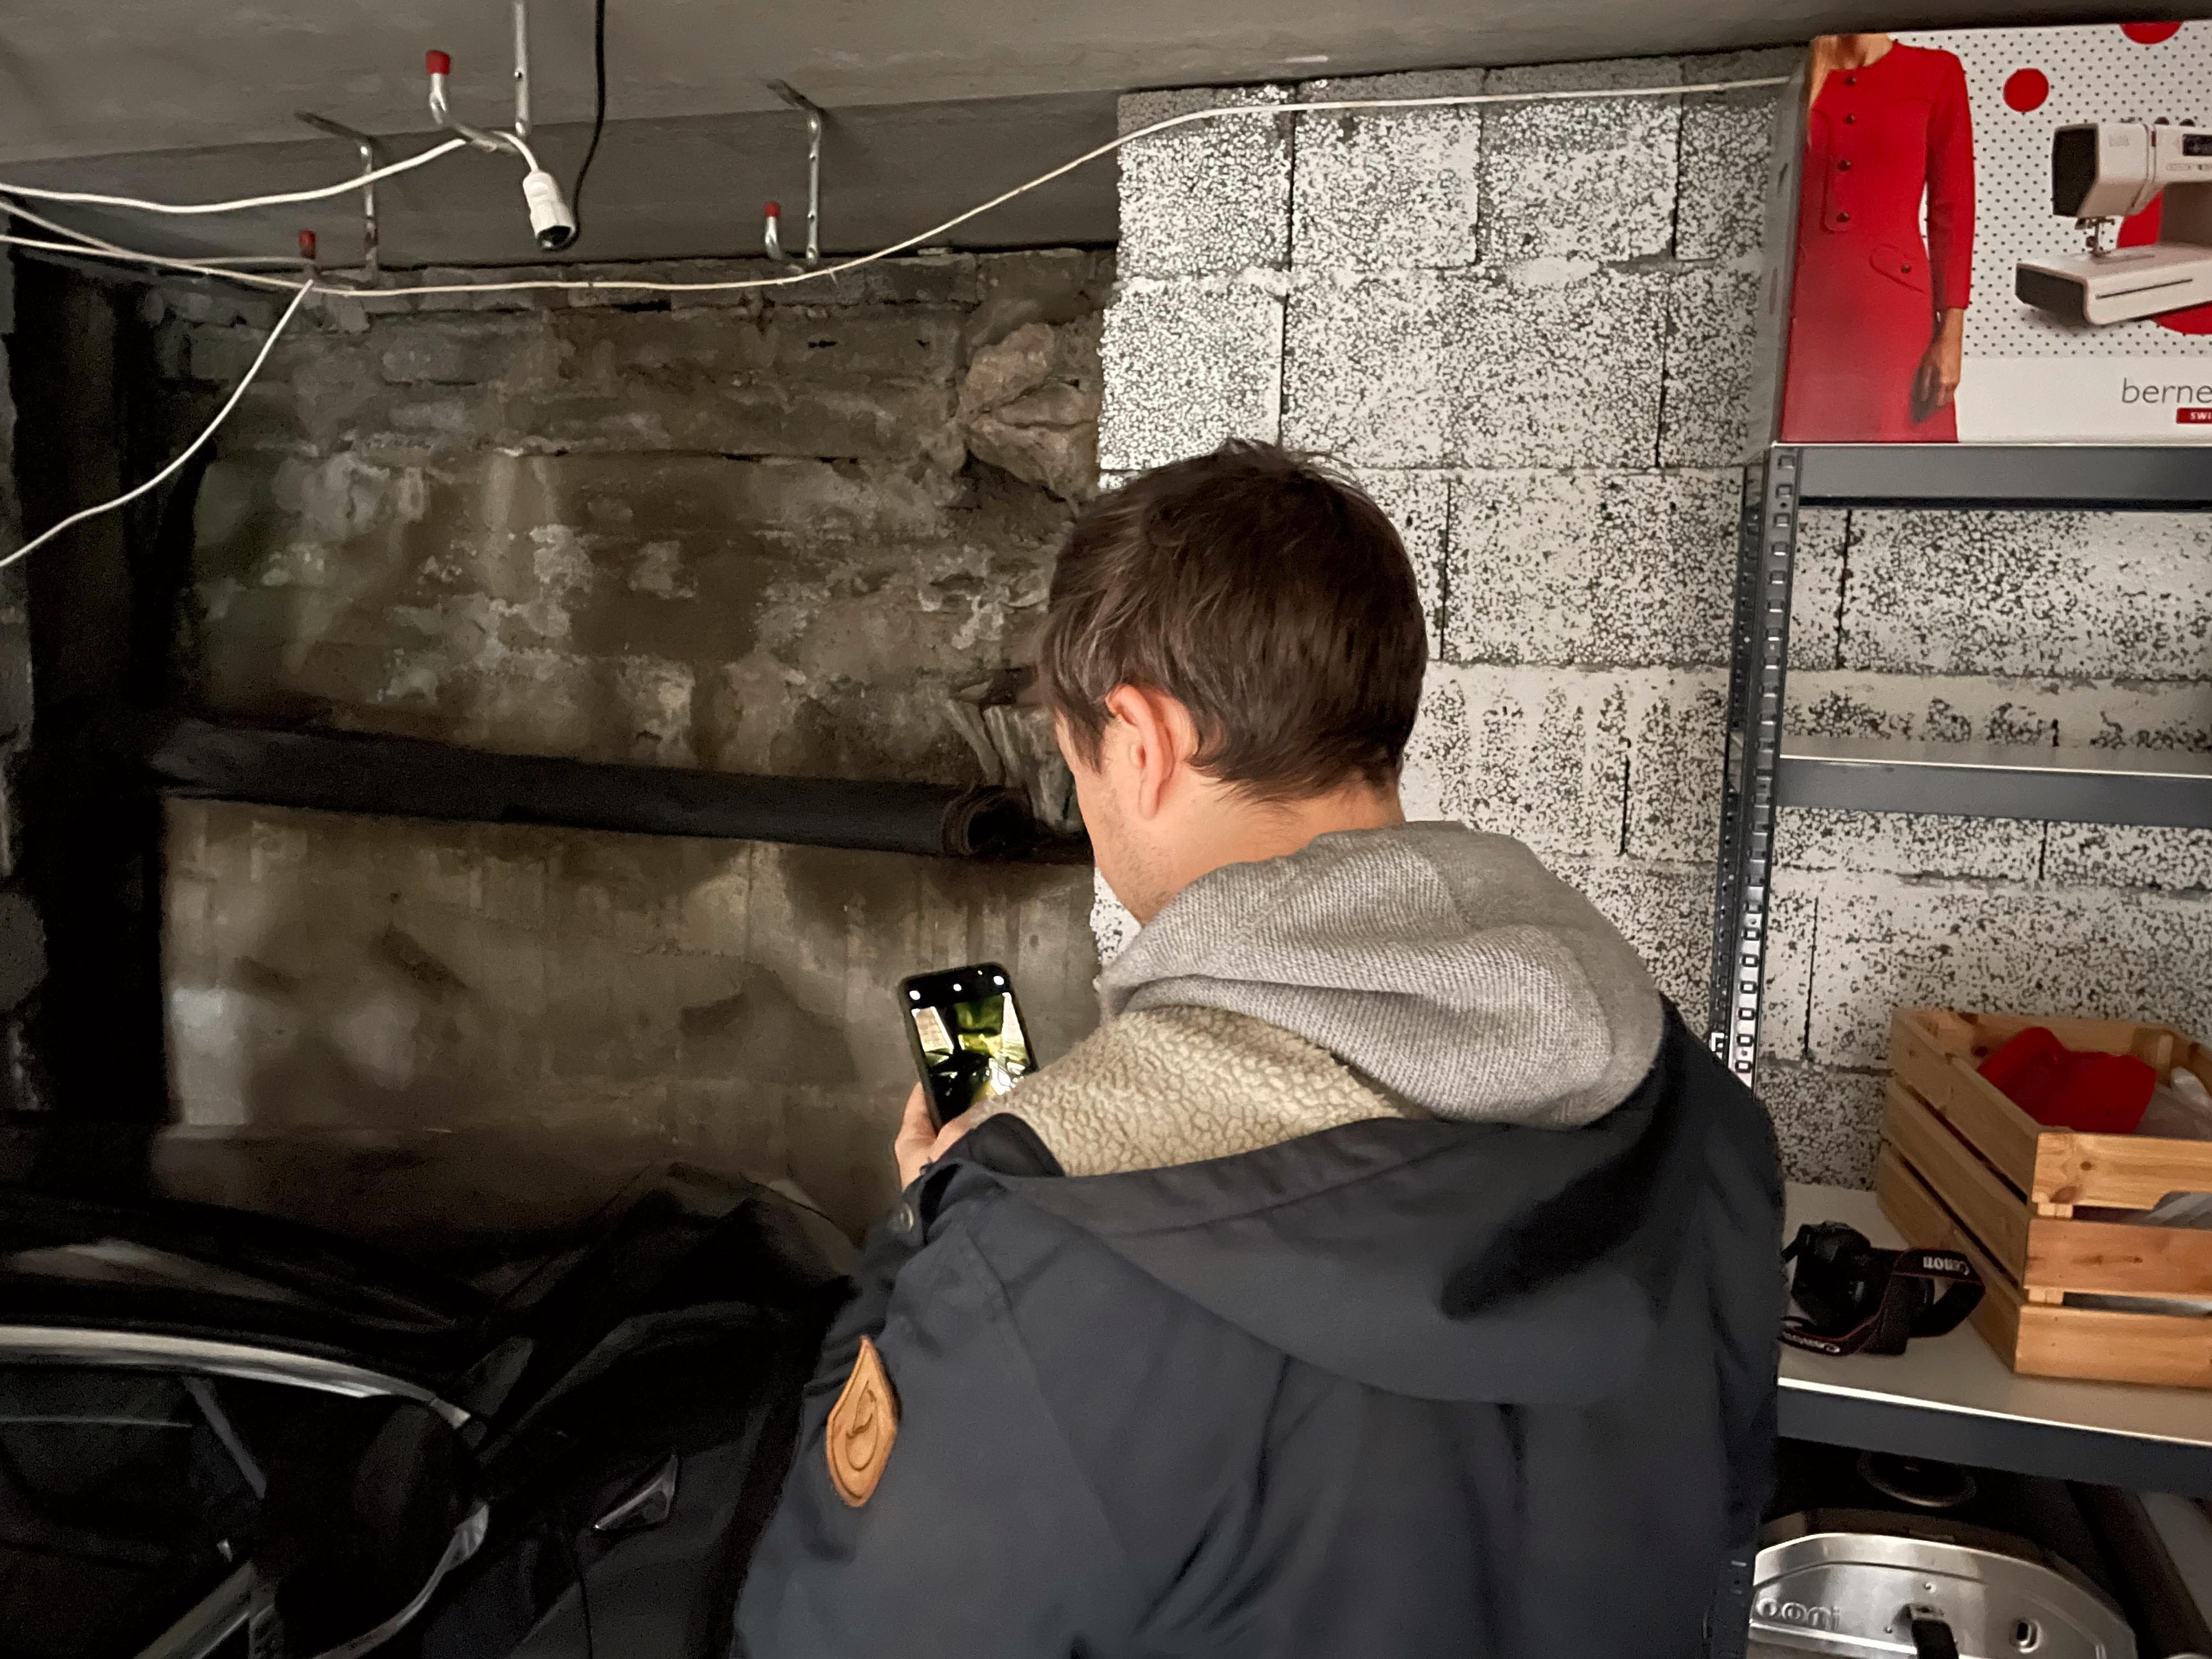 Niklas Plikk tester telefoner i mørk garasje.